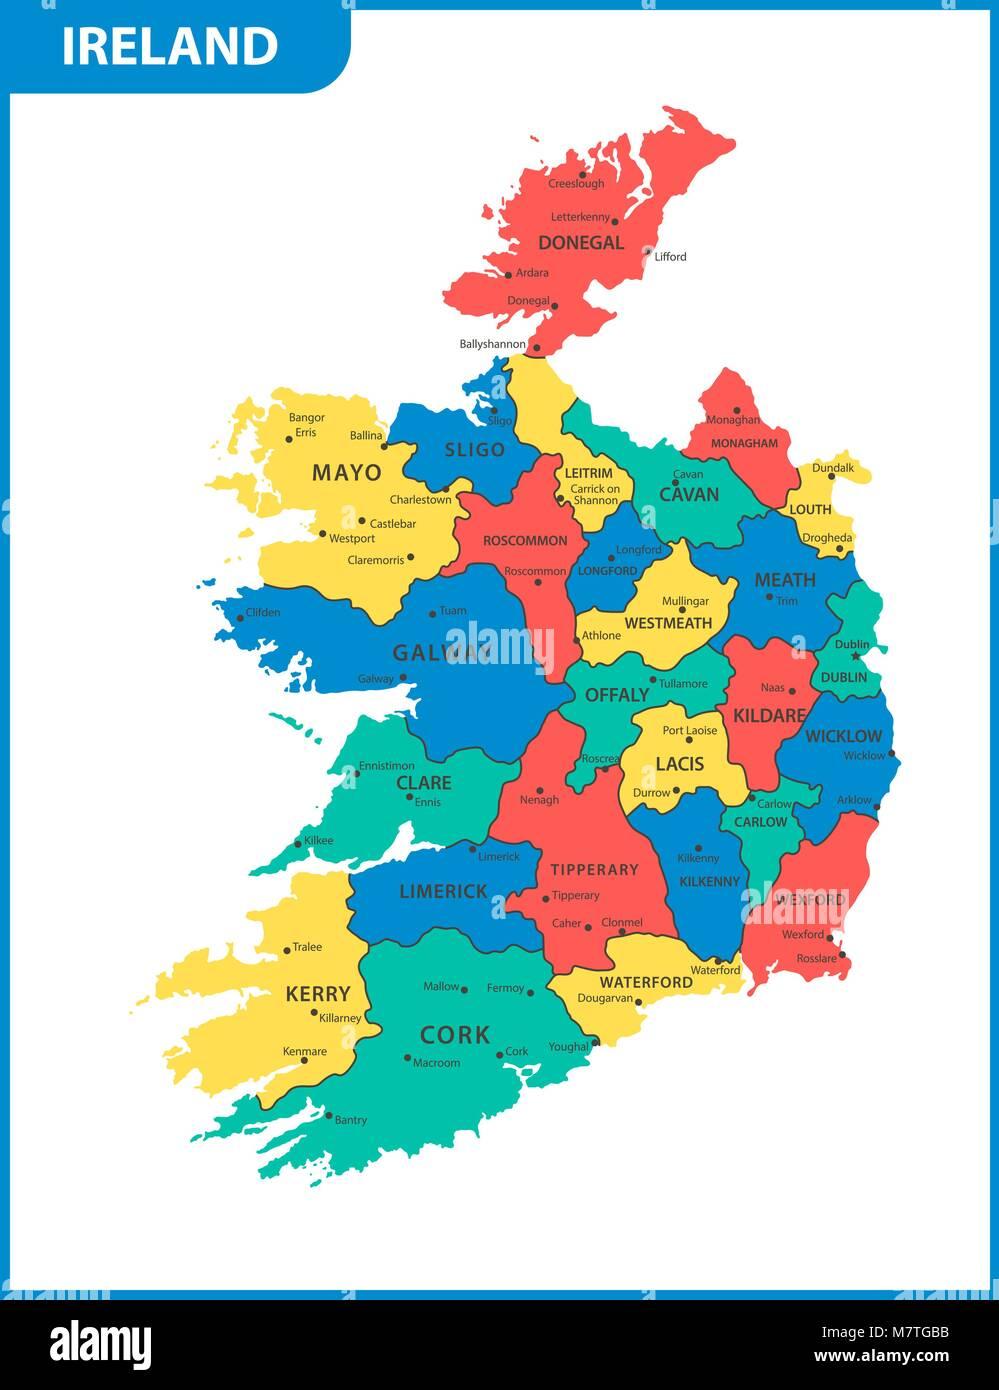 Cartina Geografica Dell Irlanda.La Mappa Dettagliata Dell Irlanda Con Le Regioni O Gli Stati E Le Citta Capitali Immagine E Vettoriale Alamy